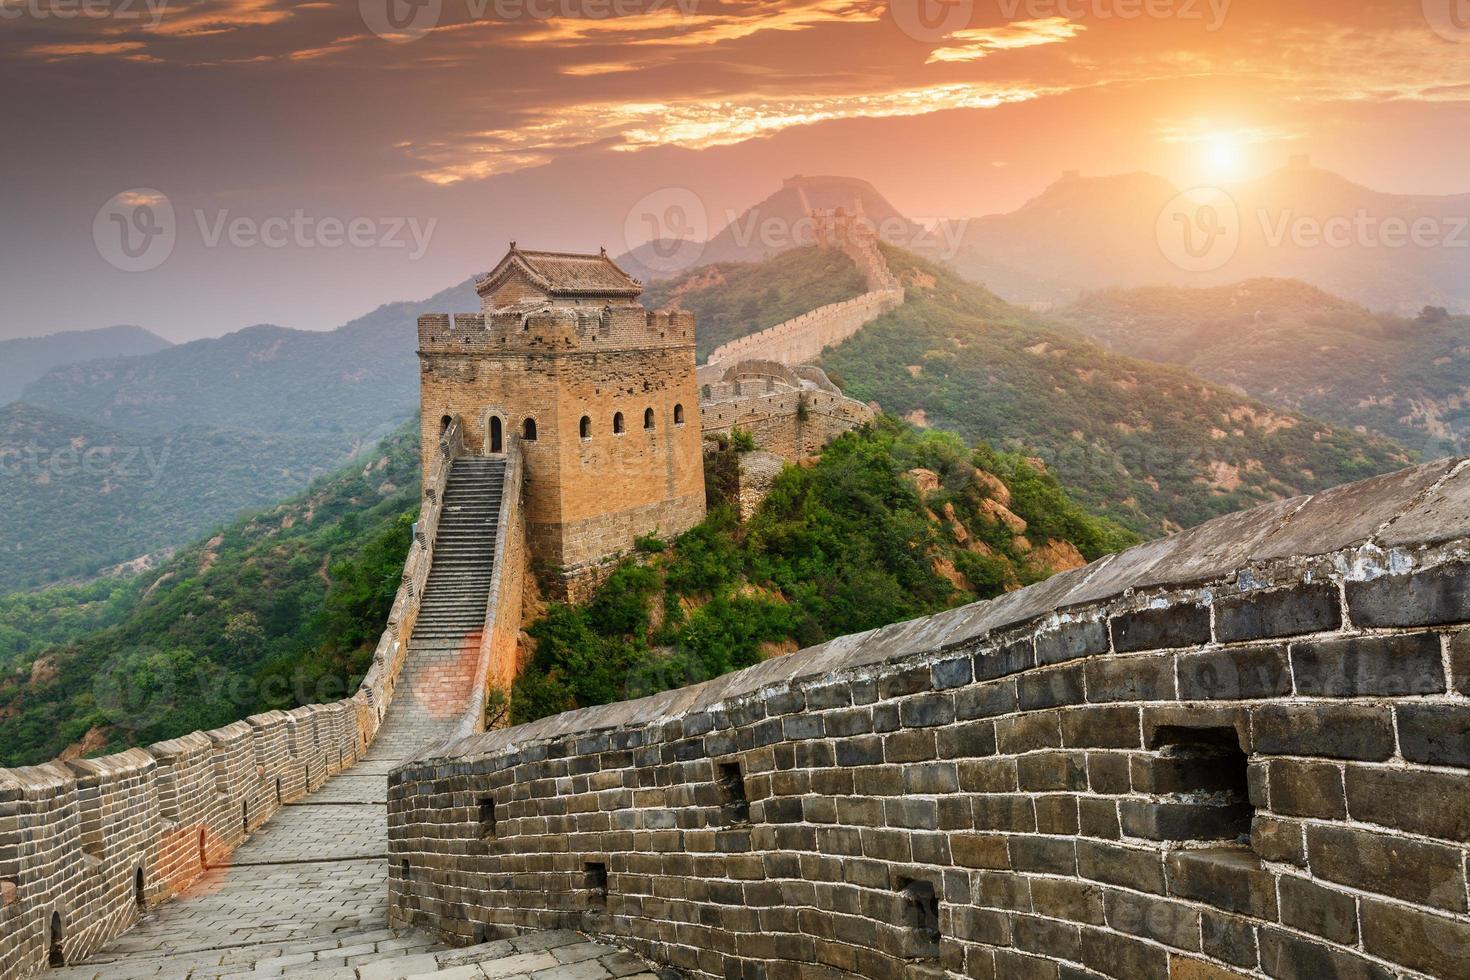 majestätische spektakuläre Chinesische Mauer im Sonnenuntergang foto